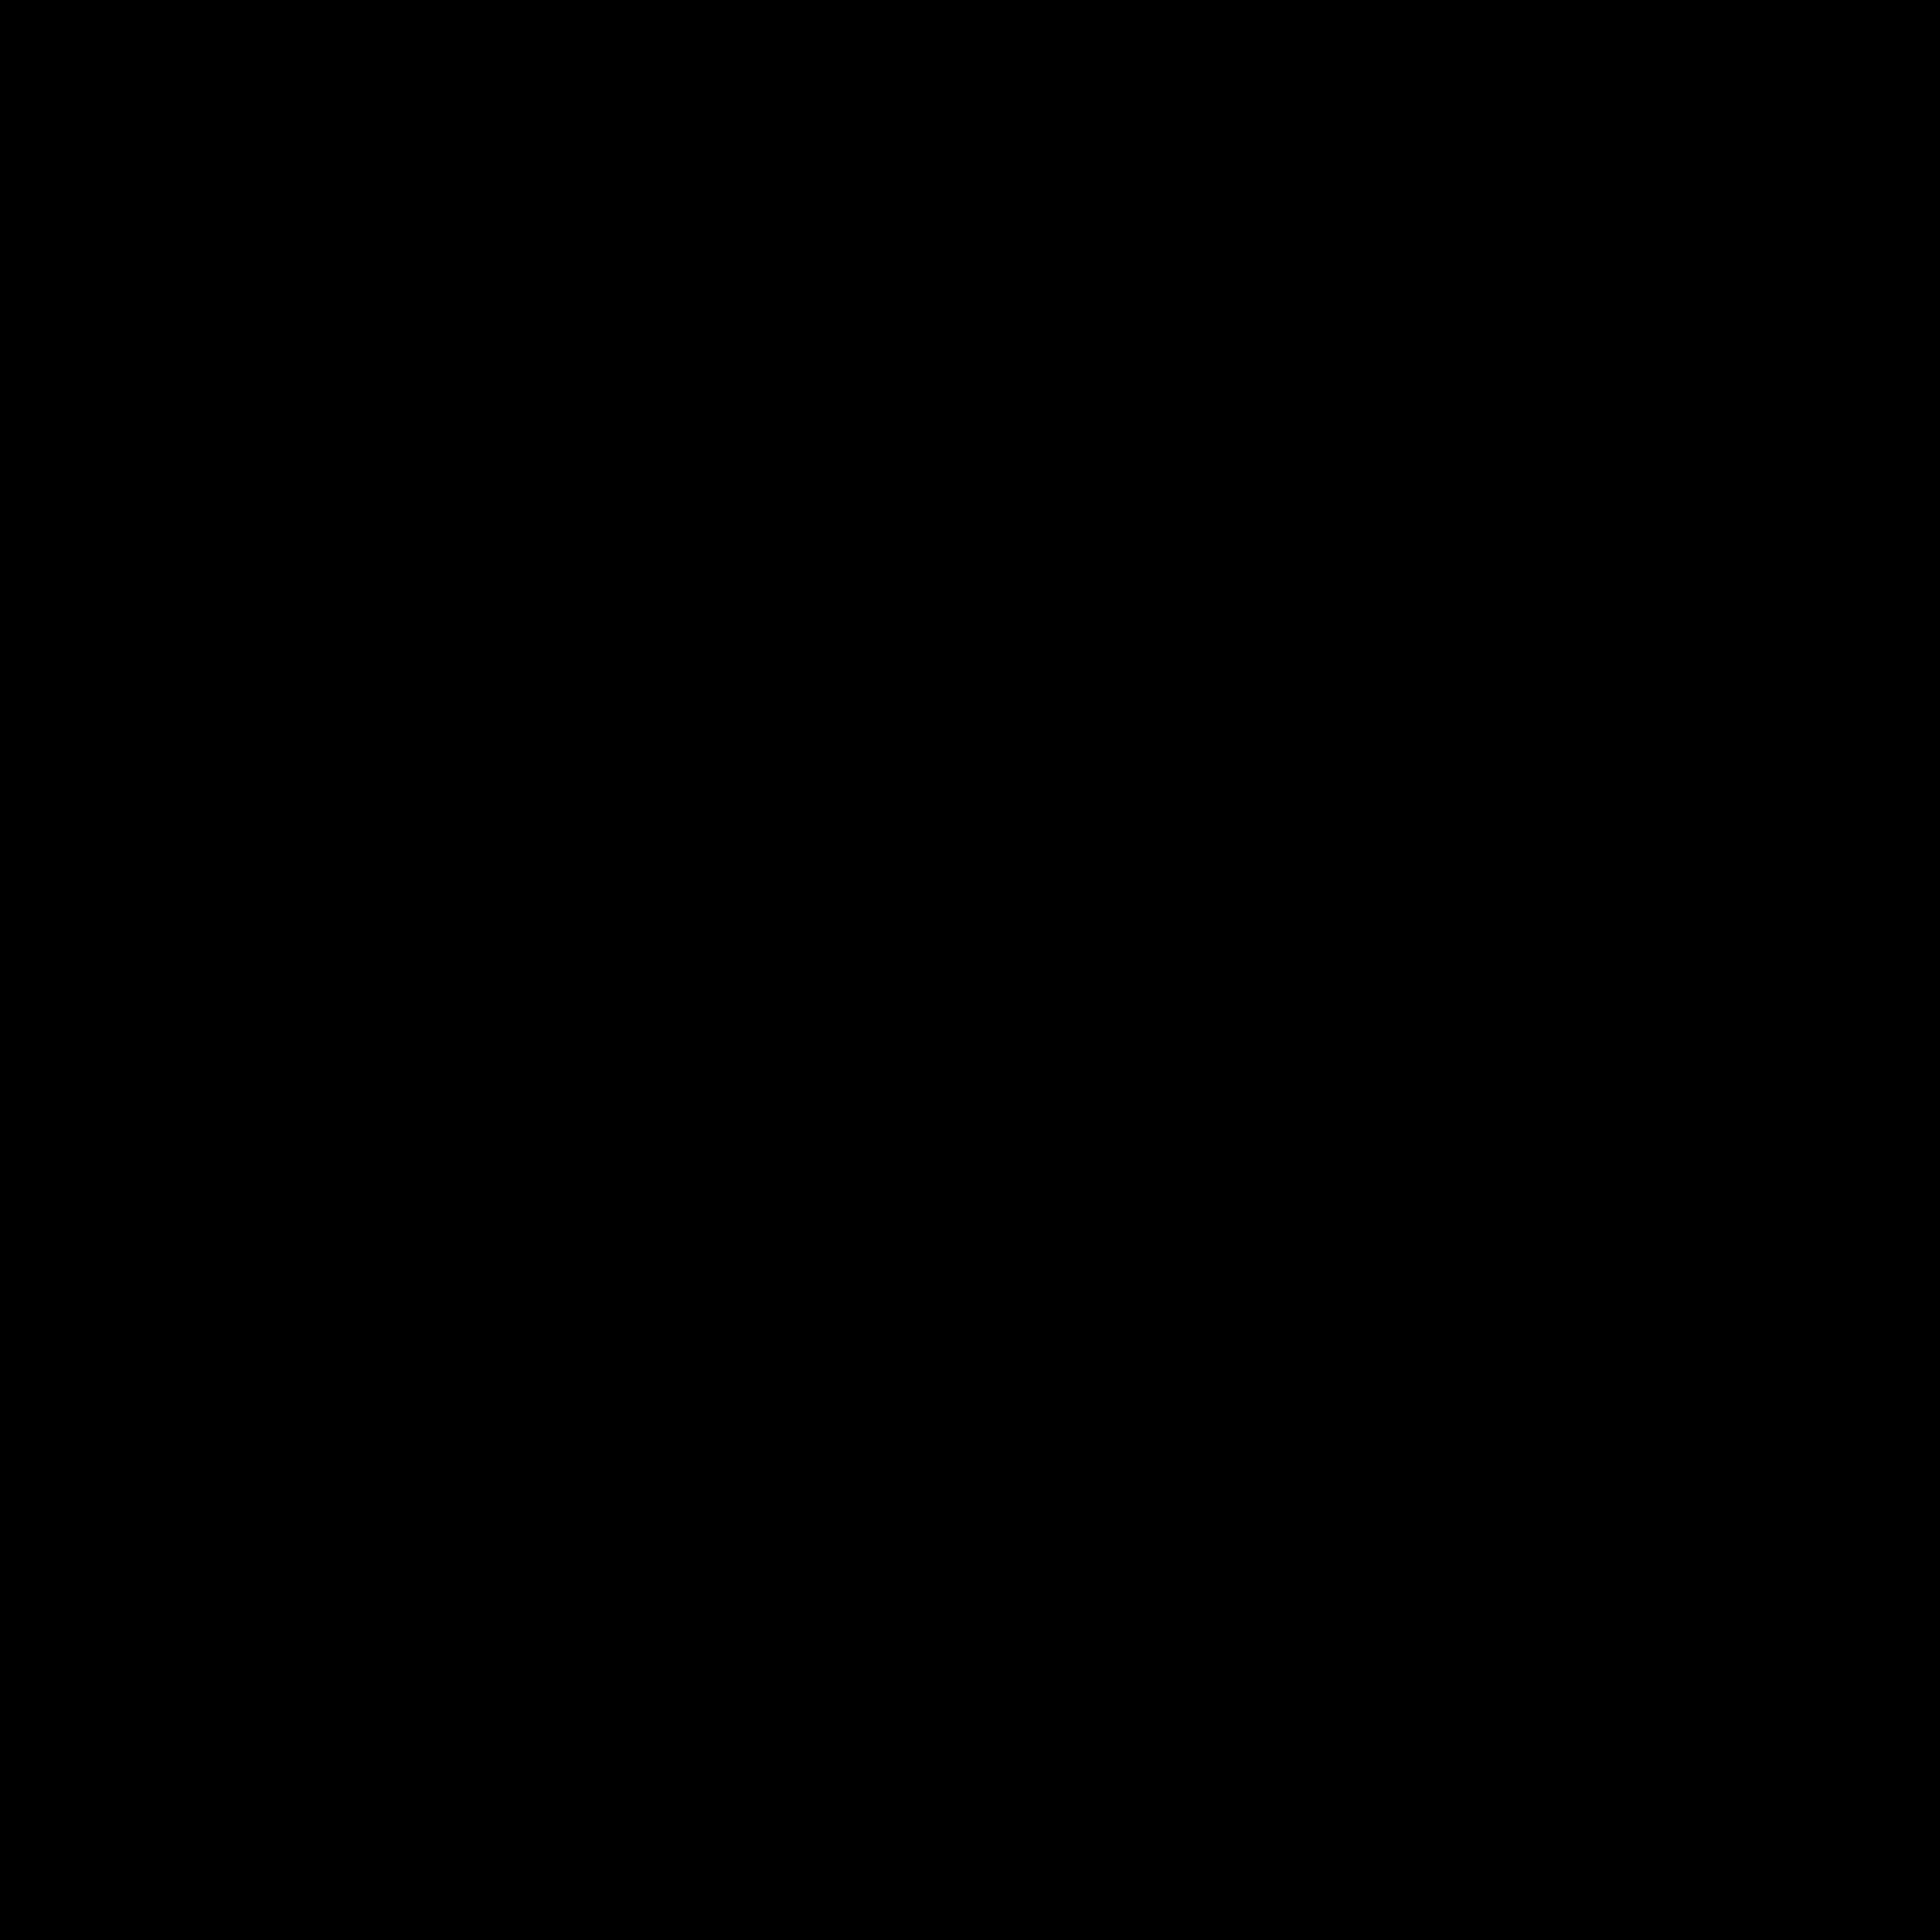 5 consejos para ser más productivo y concentrarte en el trabajo ...